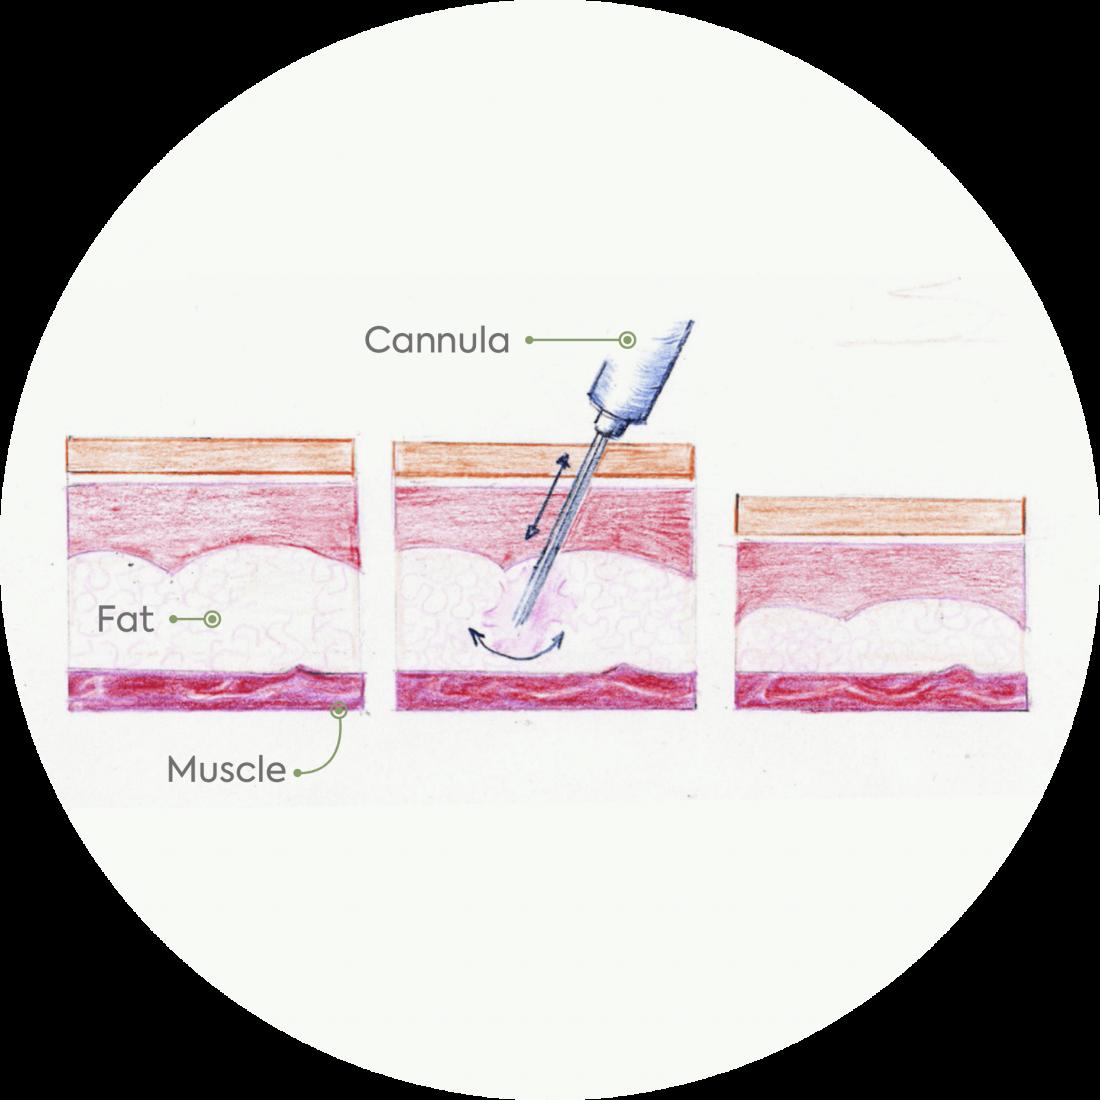 Procedure details: Liposuction